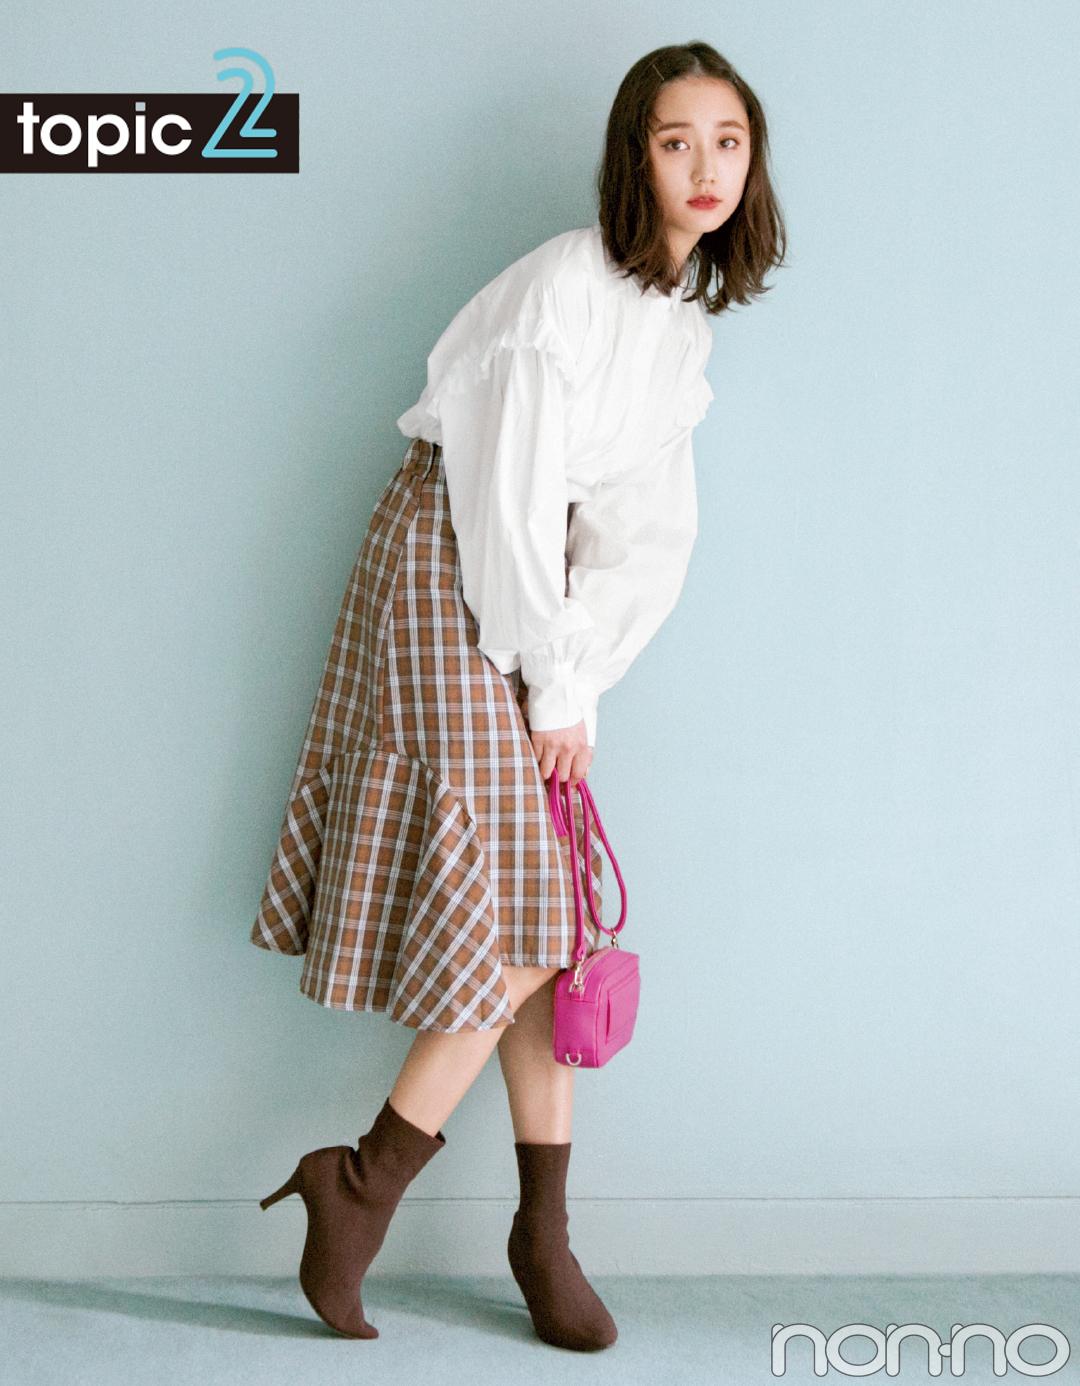 今ドキ韓国ファッション、色っぽ揺れ感のマーメイドスカートがブーム!_1_1